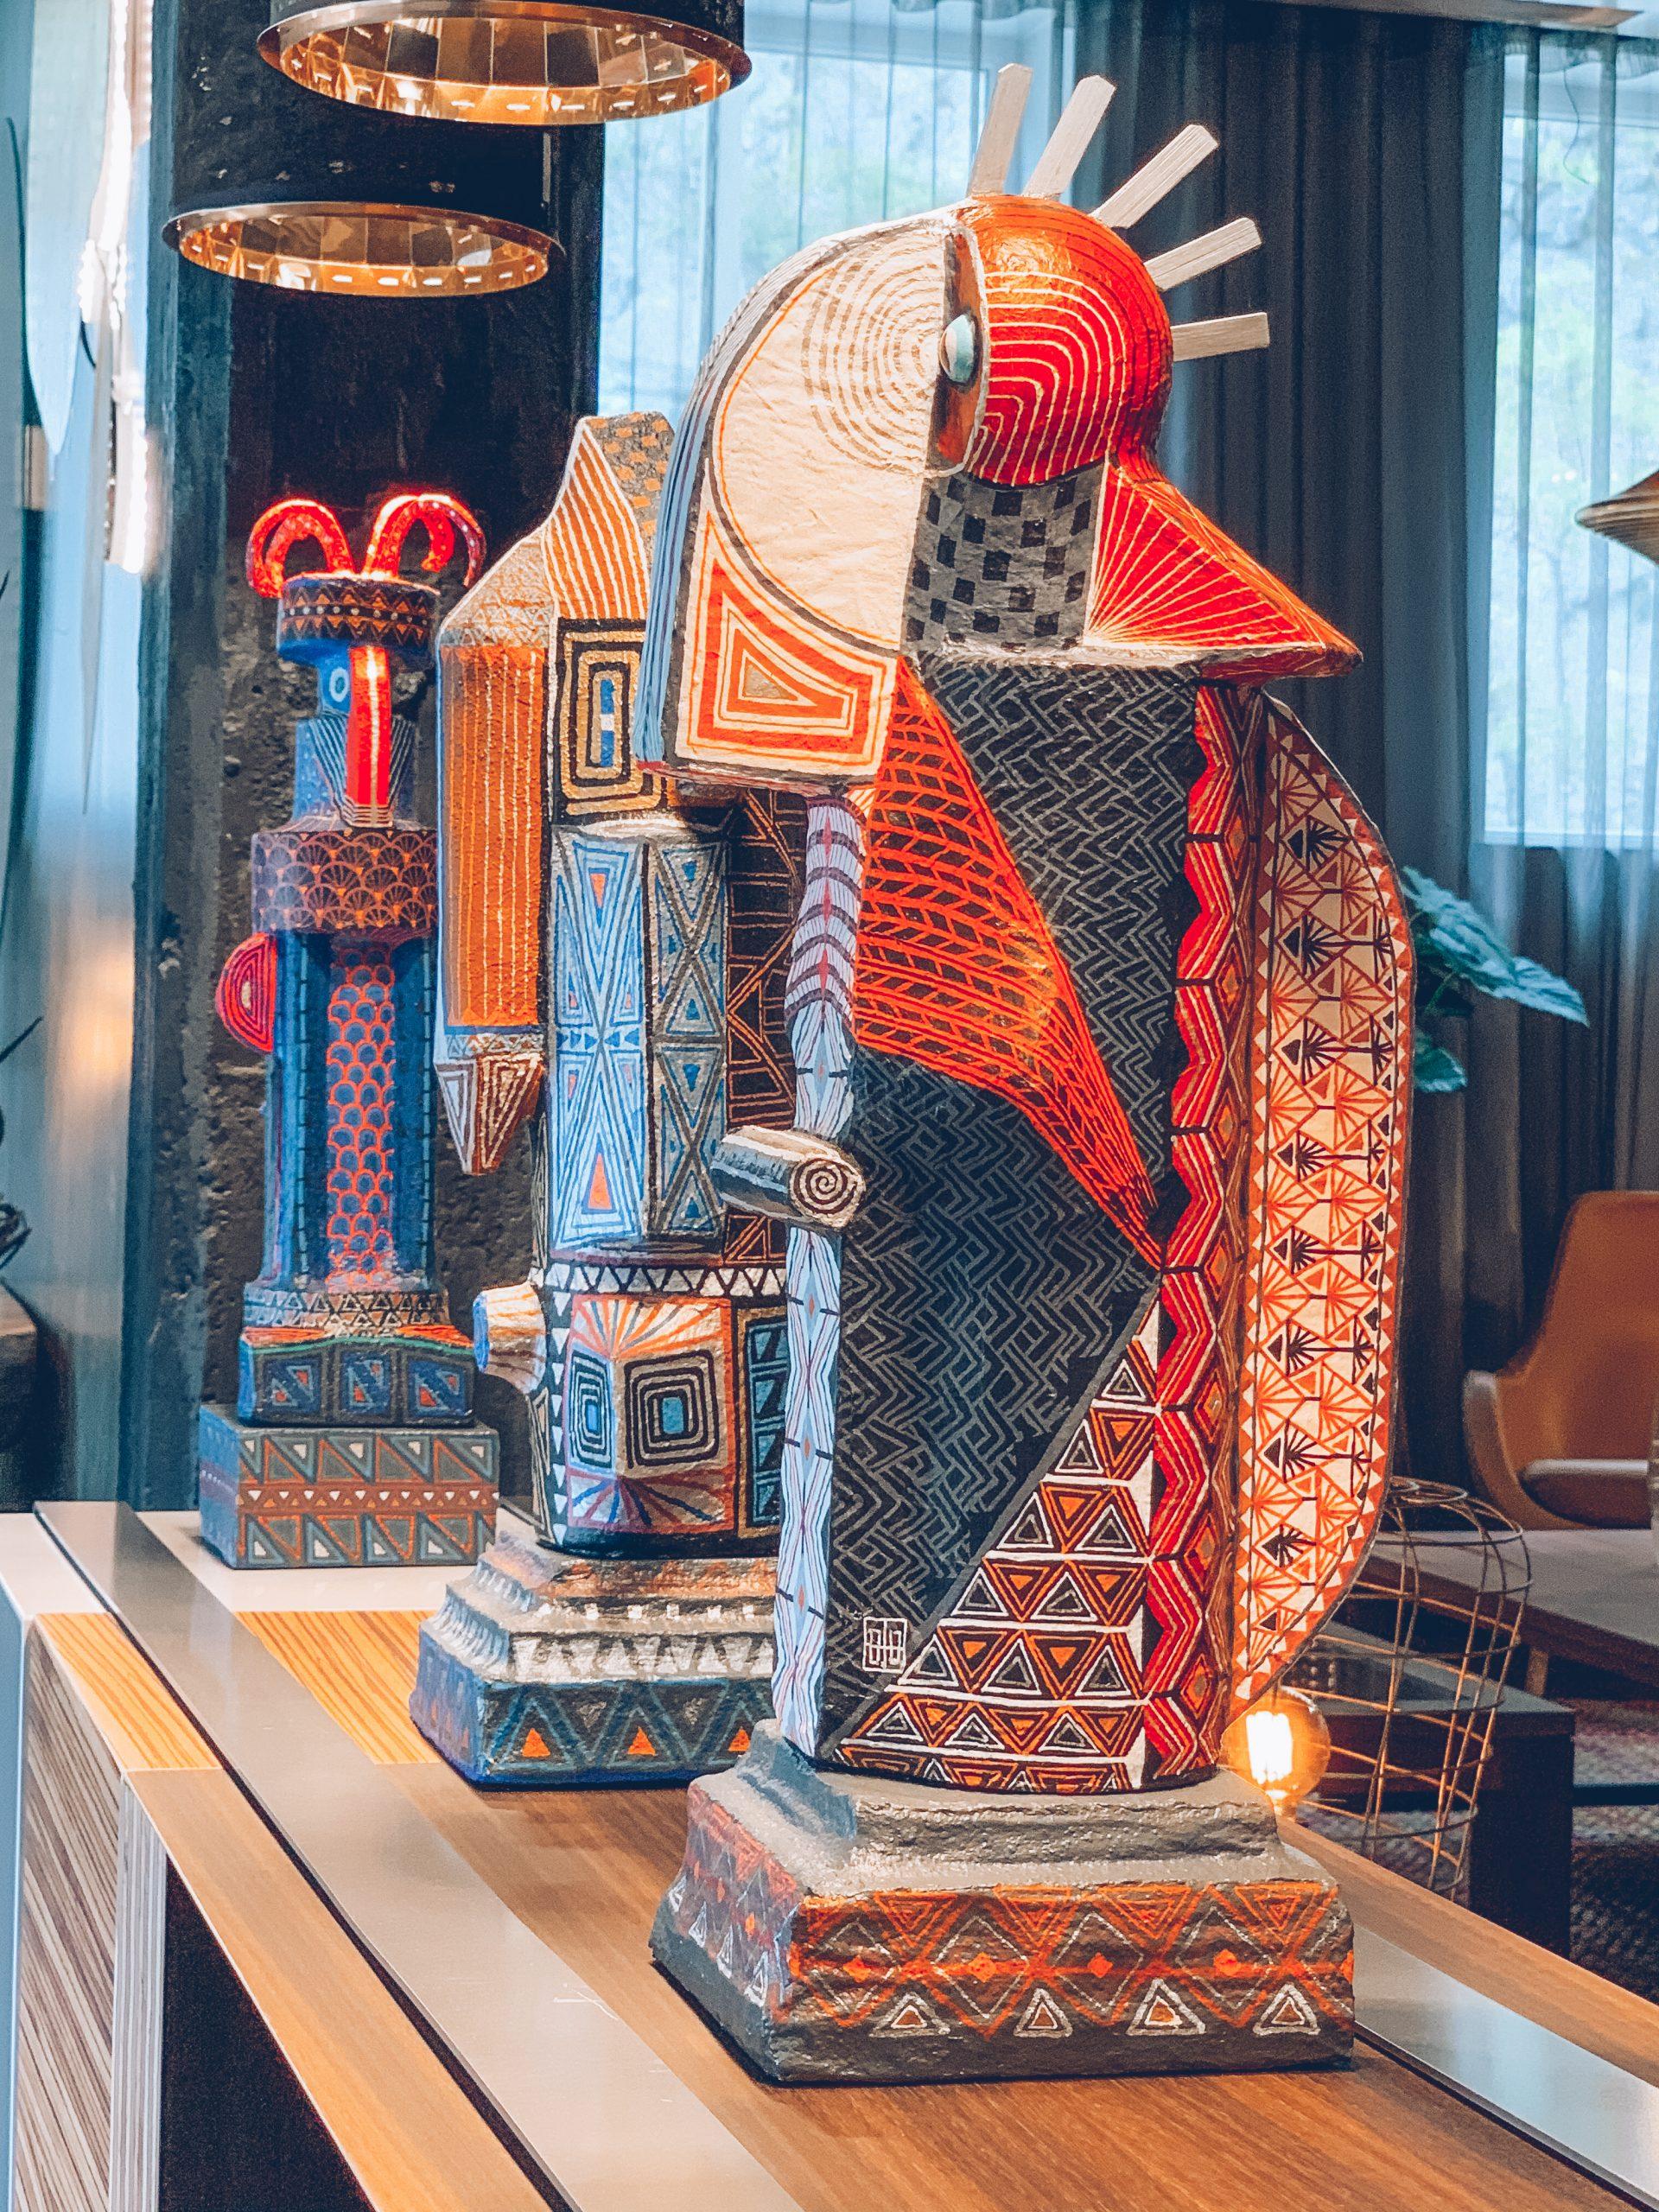 décoration luxe, décoration perroquet, décoration ethnique, atypique, déco rouge et bleue, magasin de décoration belgique, designers belges, Jn interiors, jour et nuit liège verviers